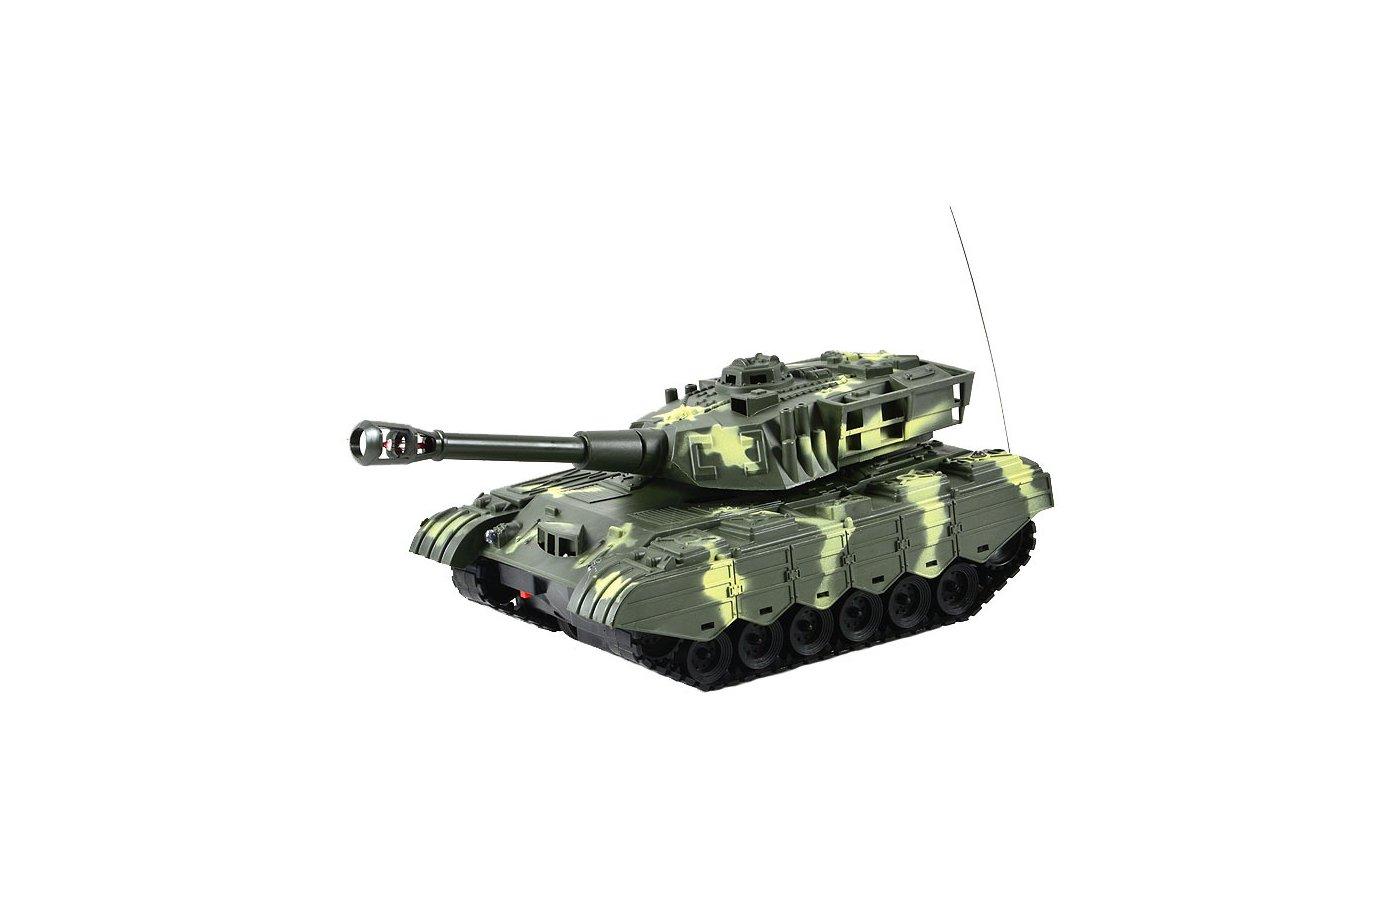 Игрушка Mioshi Army MAR1207-016 Танк р/у МТ-72 26см бело-зелёный